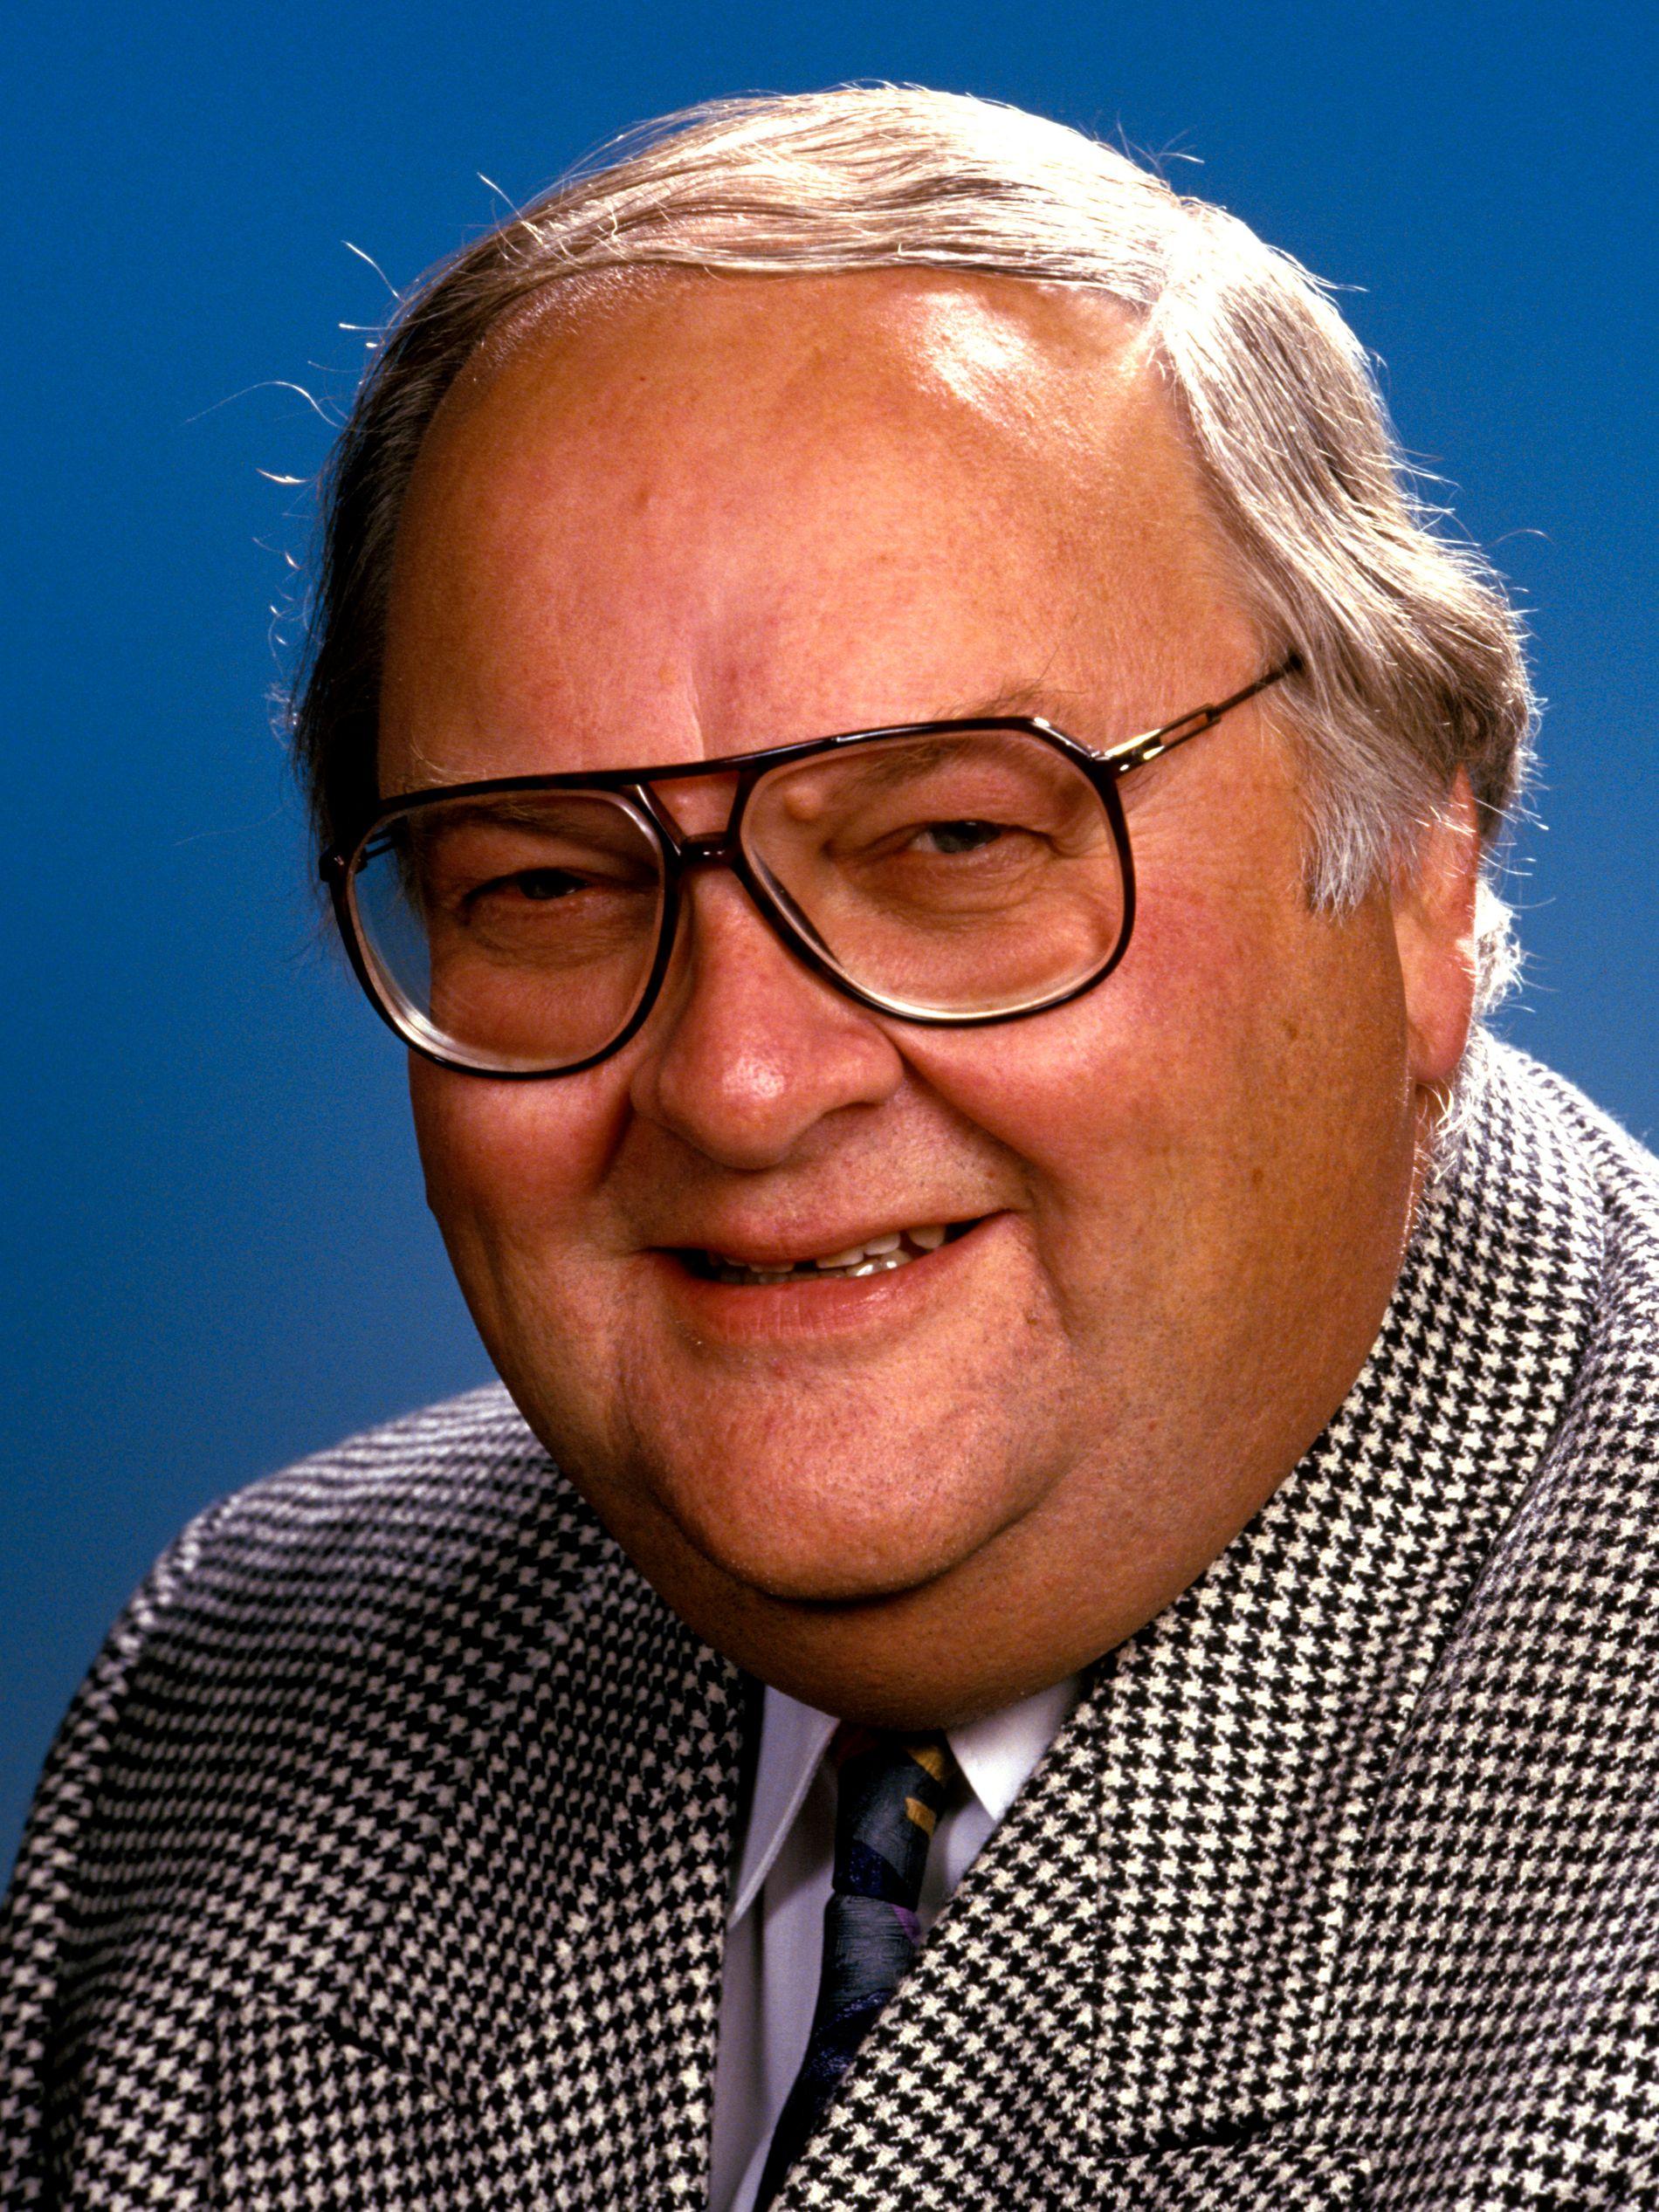 DØD: Øyvind Klingberg var kjent som pianist i Dizzie Tunes, en av Norges mest suksessrike underholdningsgrupper gjennom tidene.